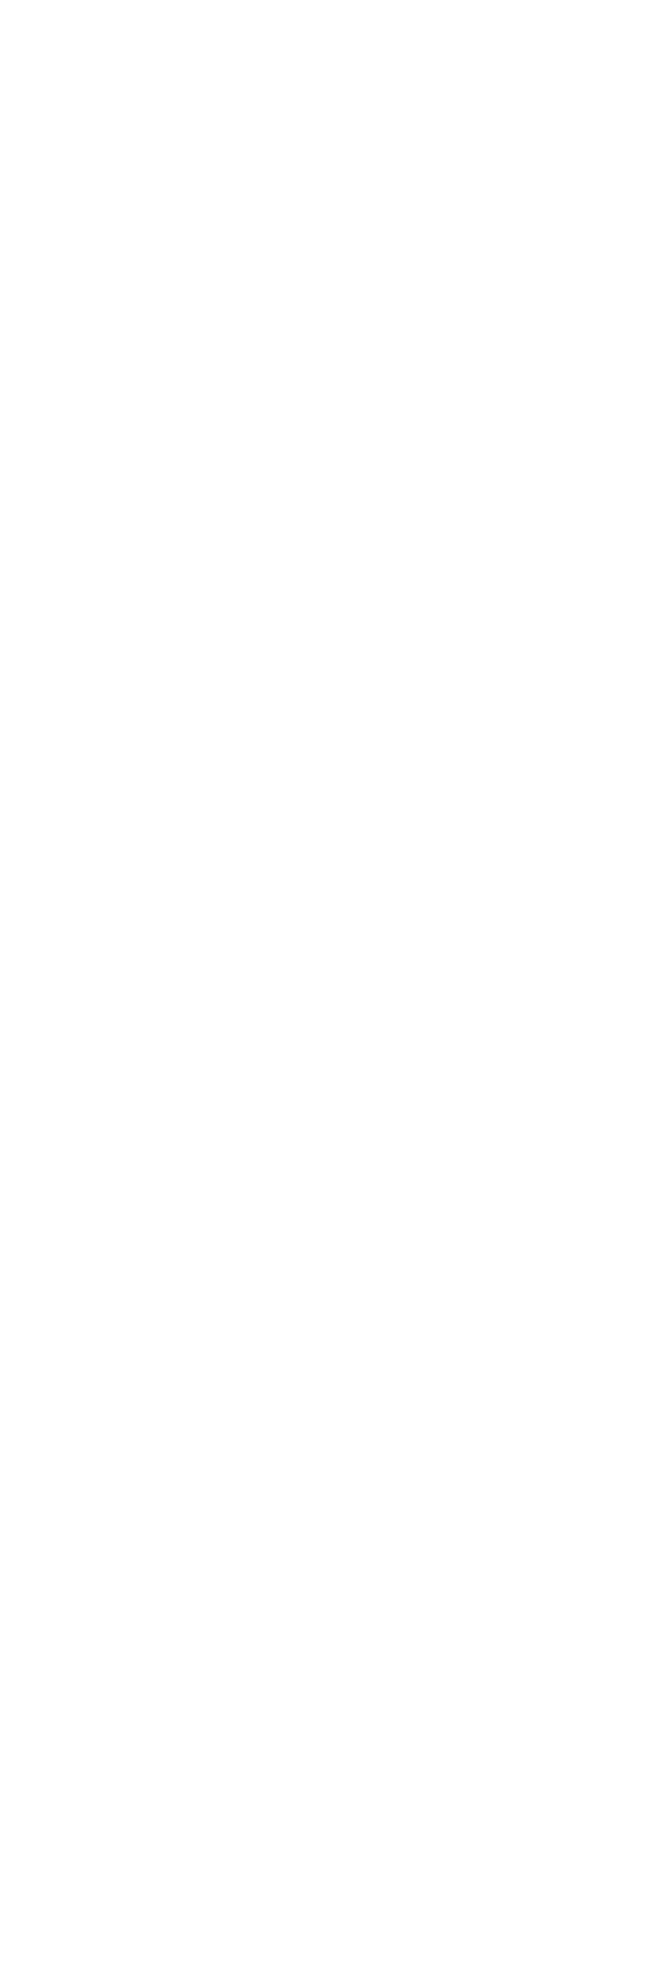 株式会社どん 鮨 BLAND SITE 贅を尽くす本格寿司店